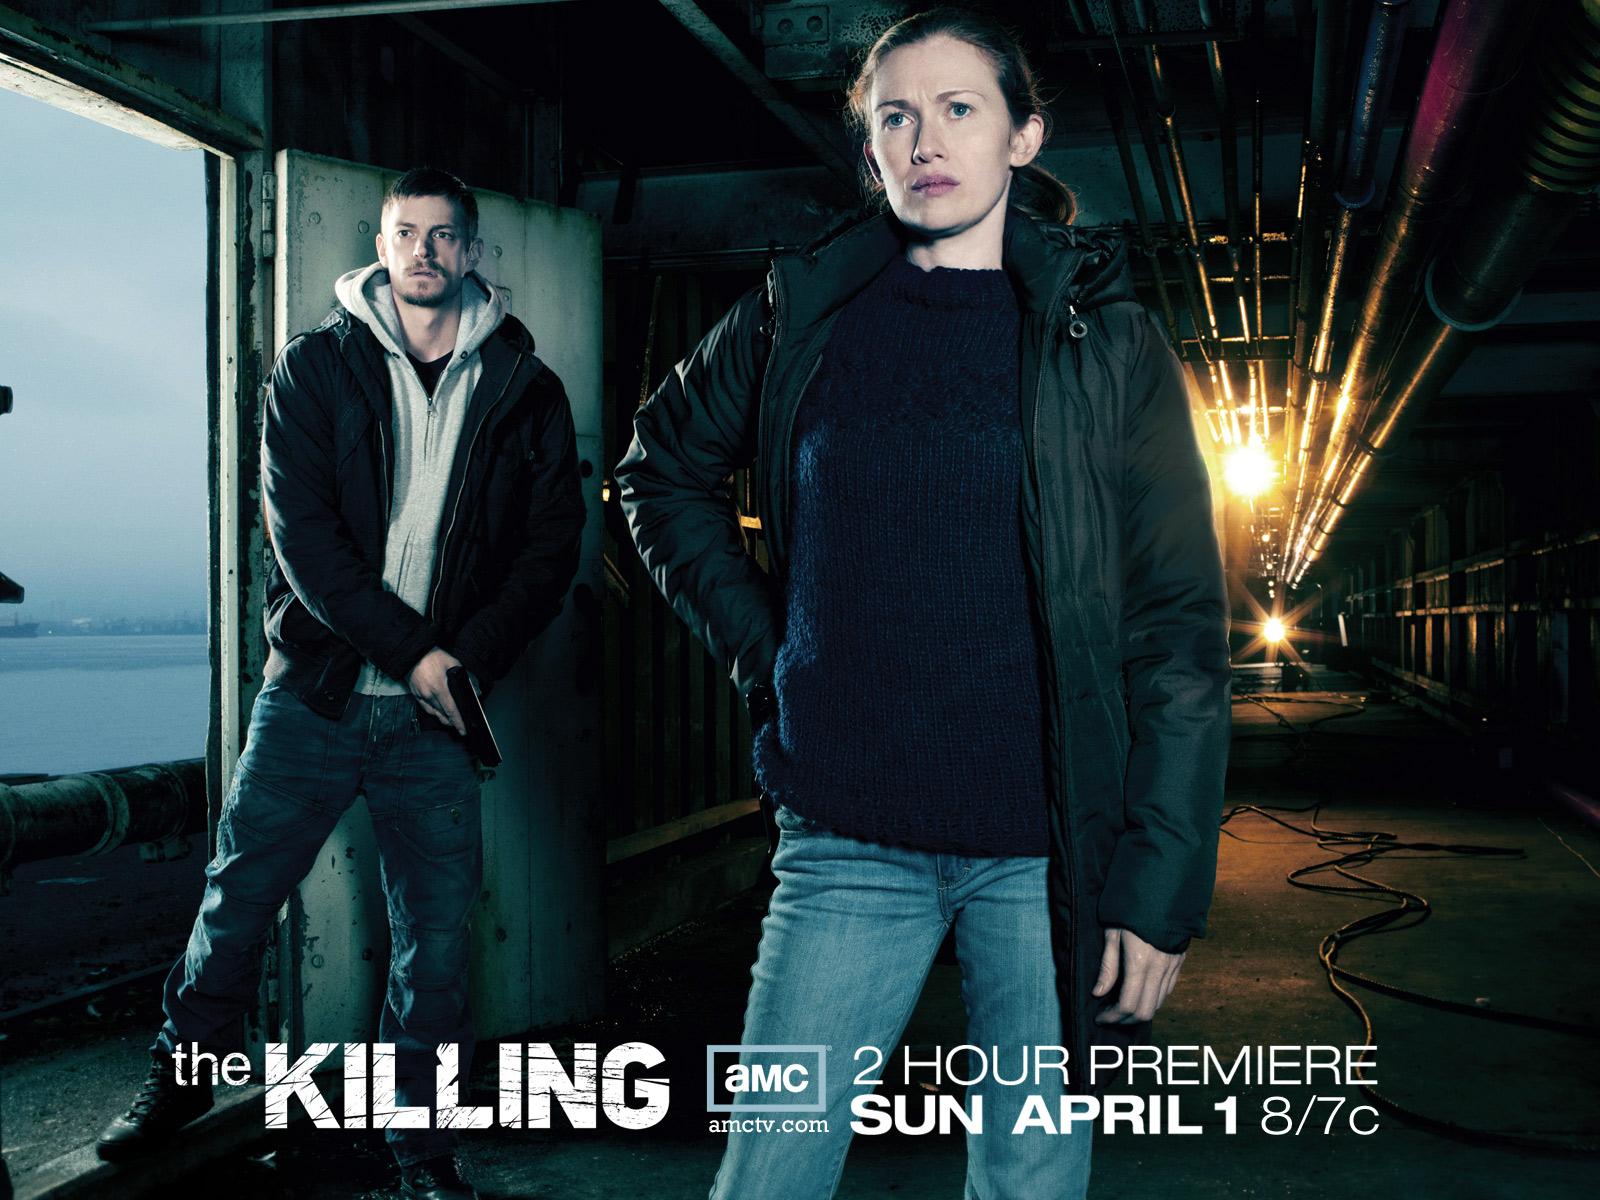 [影集] The Killing (2011~) Tk-s2-holderlinden2-premiere-1600x1200